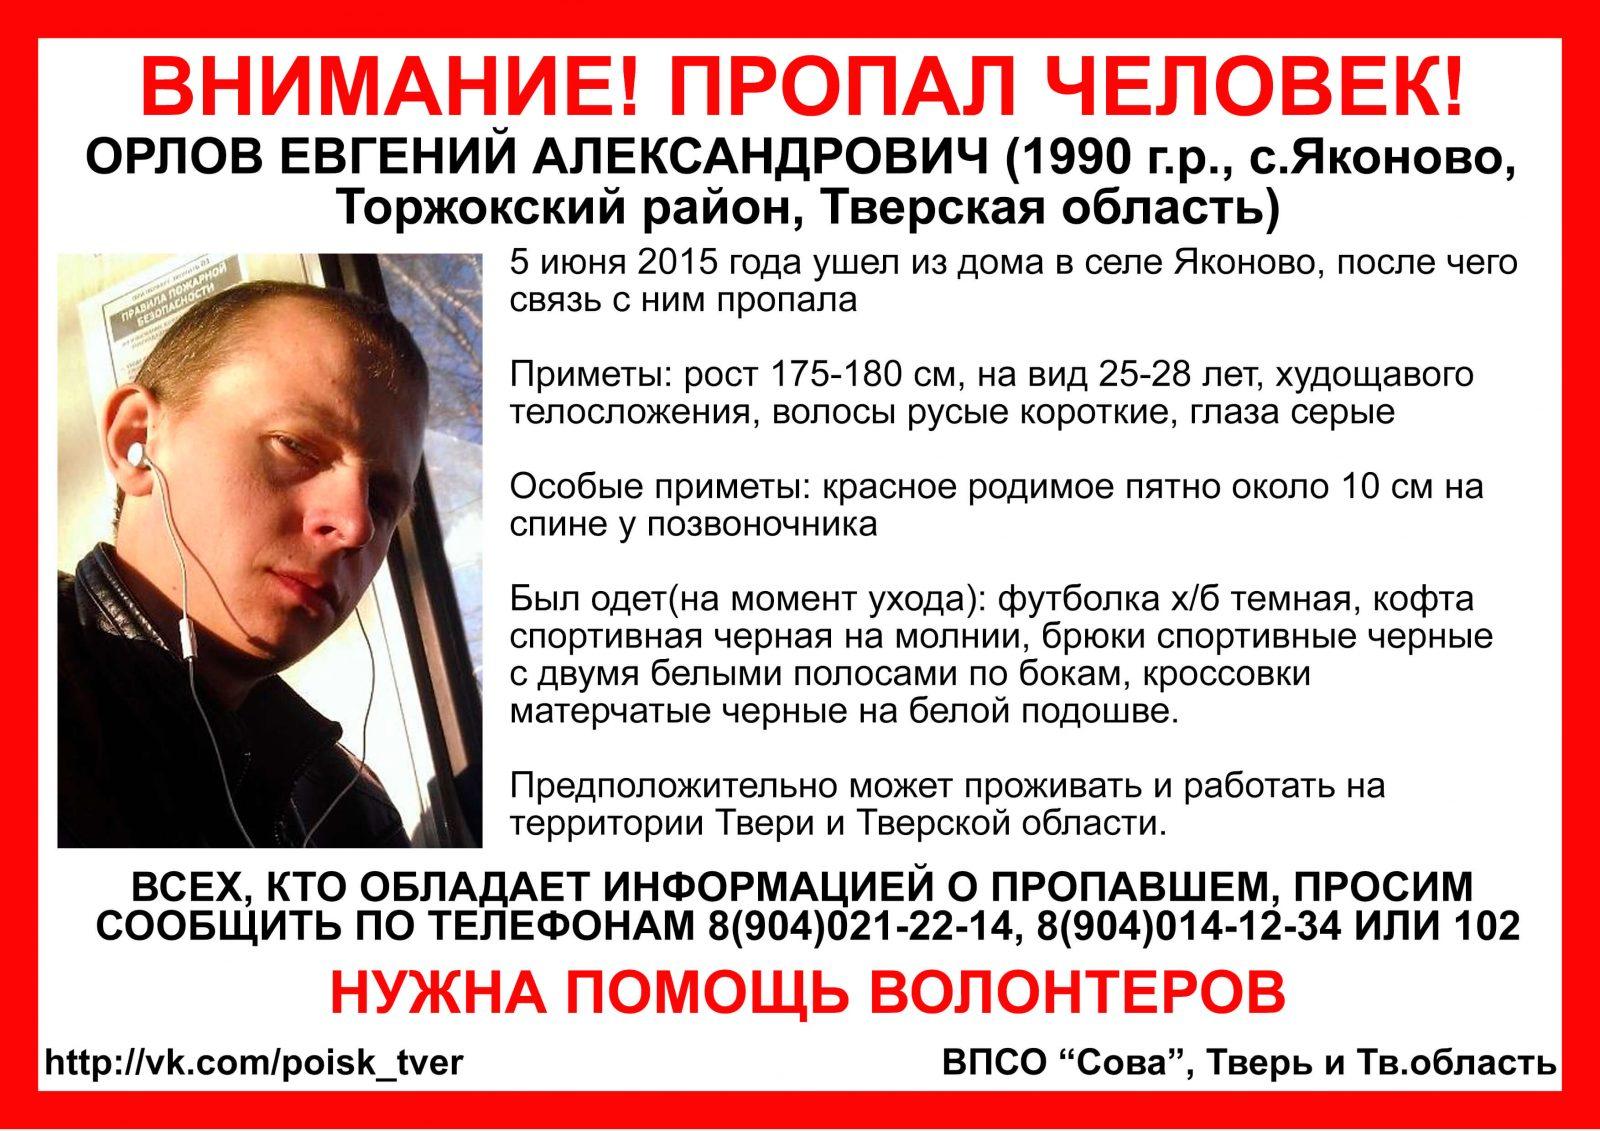 Пропал Орлов Евгений Александрович (1990 г.р.)